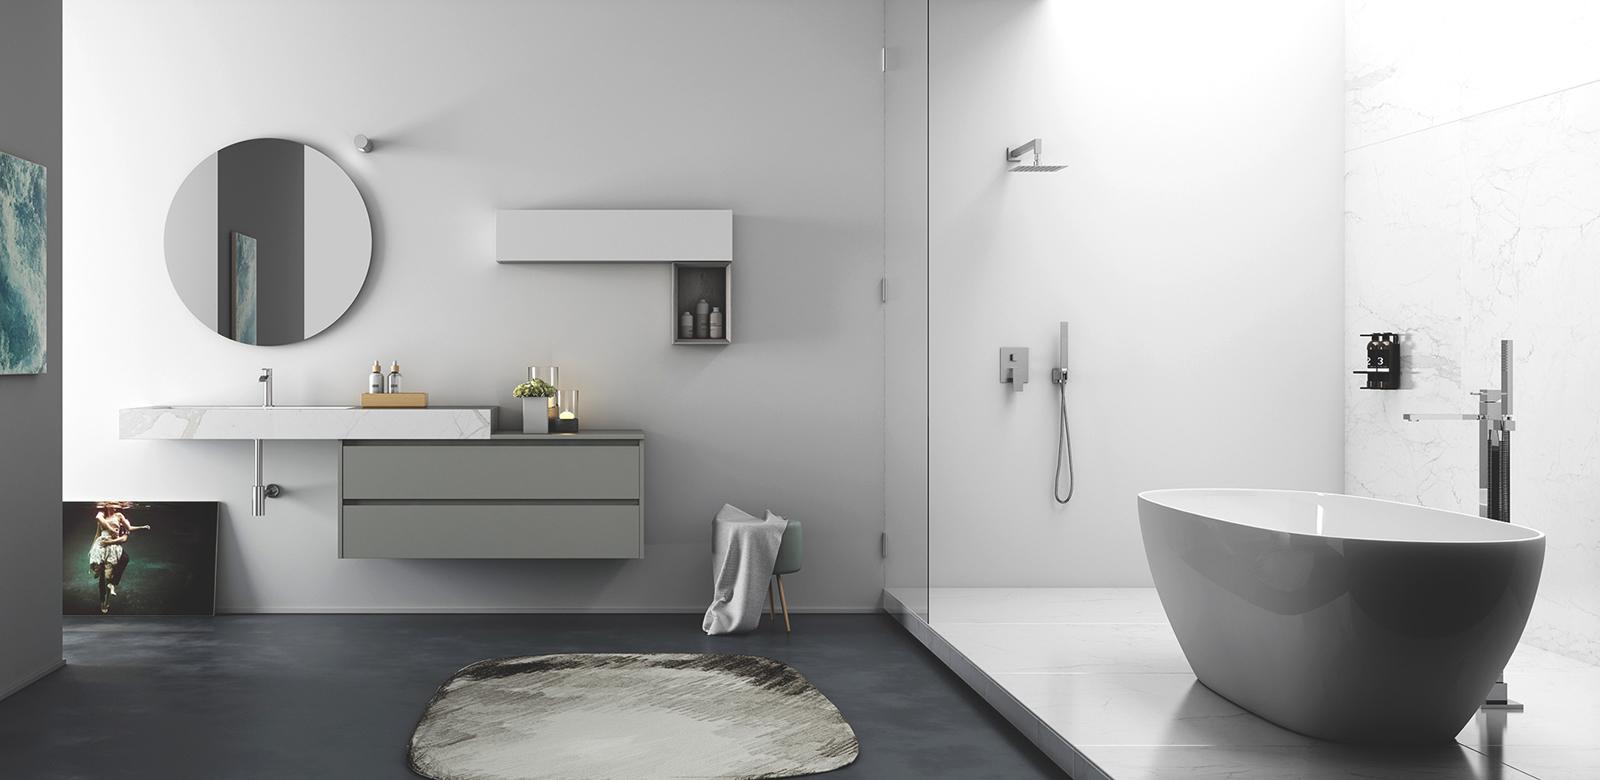 Offerte ristrutturazioni case appartamenti milano ristrutturazione di interni a milano - Sanitari bagno napoli ...